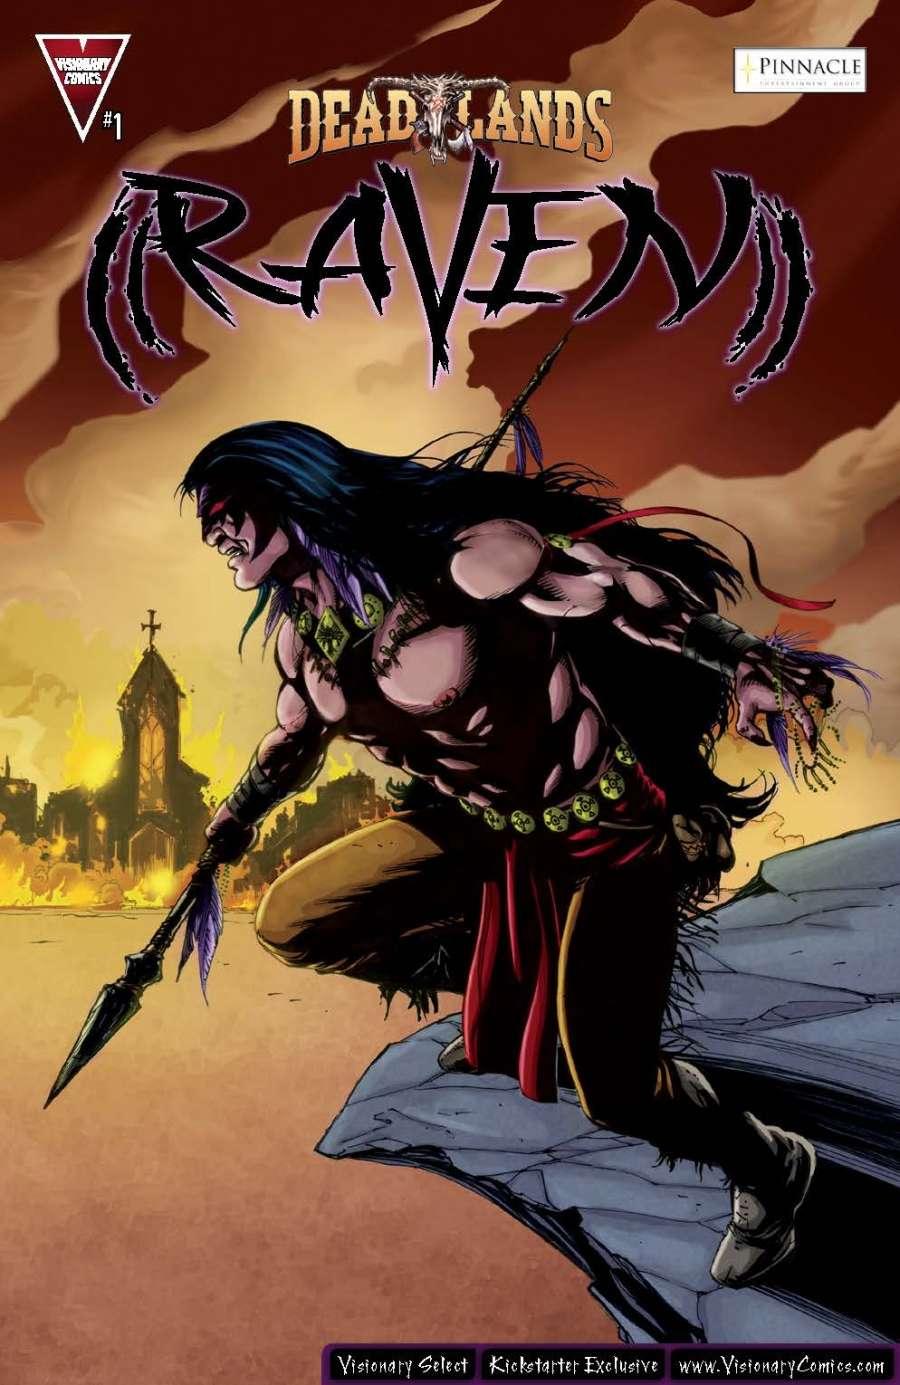 DEADLANDS: Raven #1